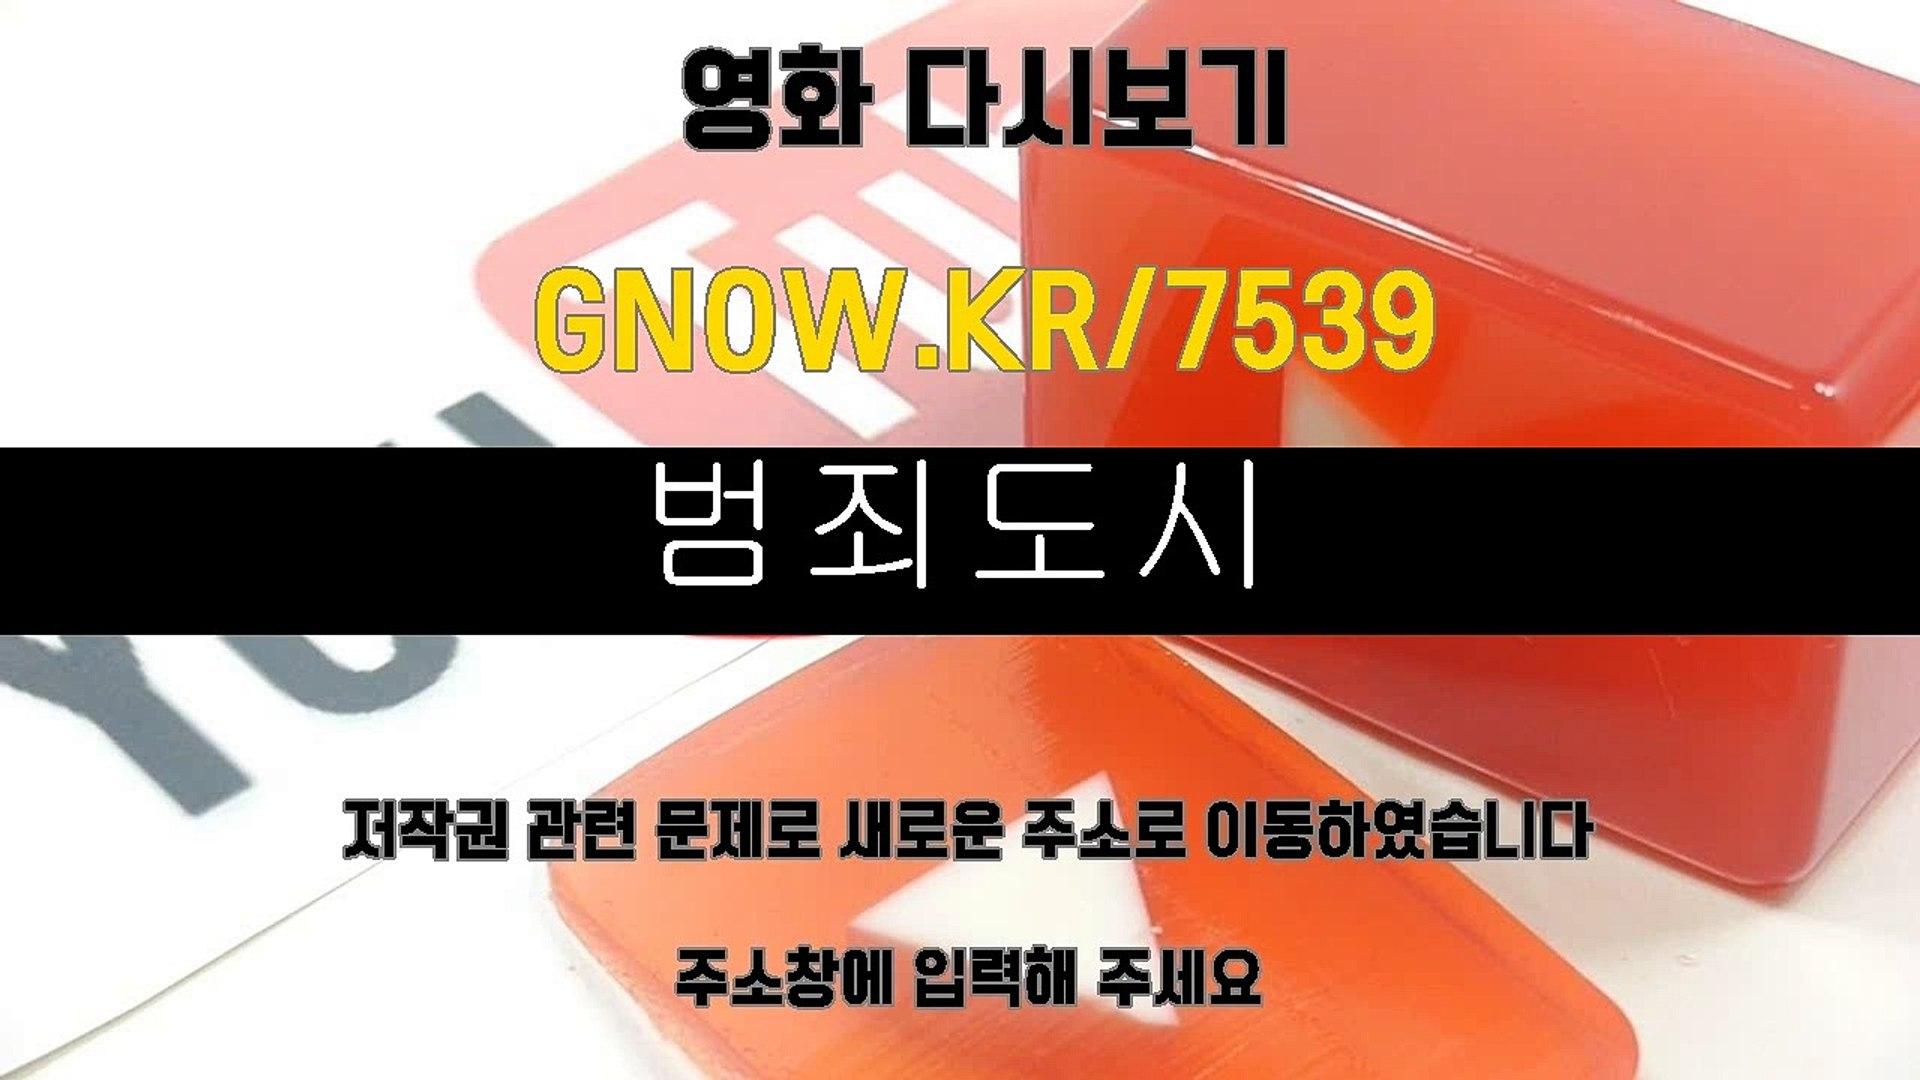 영화 범죄도시 다시보기 2017 영화 토렌트 한글자막 Movie 다운받기